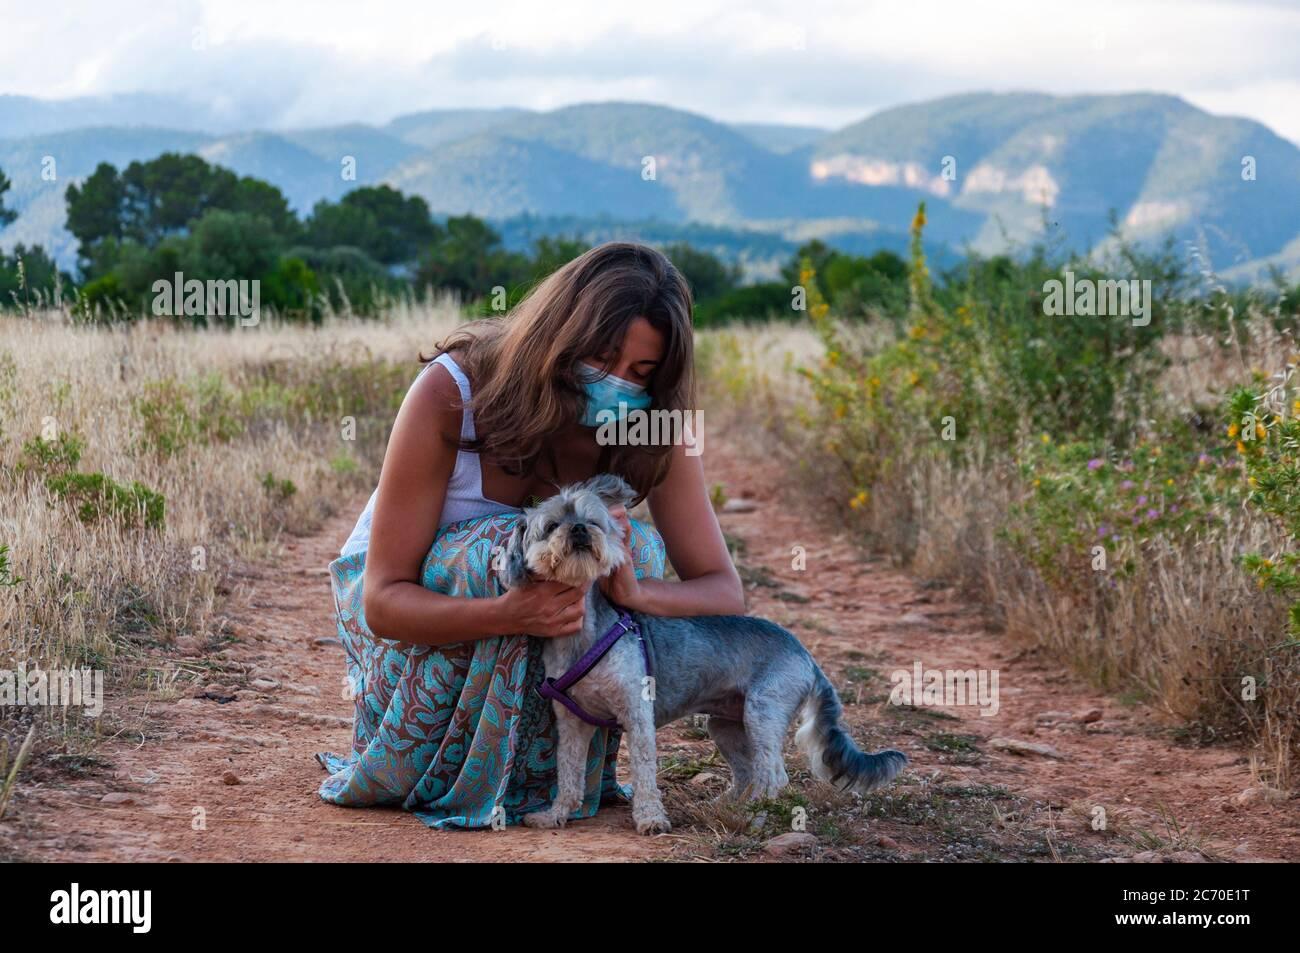 Junge Frau mit einer Gesichtsmaske Überprüfung und Pflege ihres Hundes Stockfoto